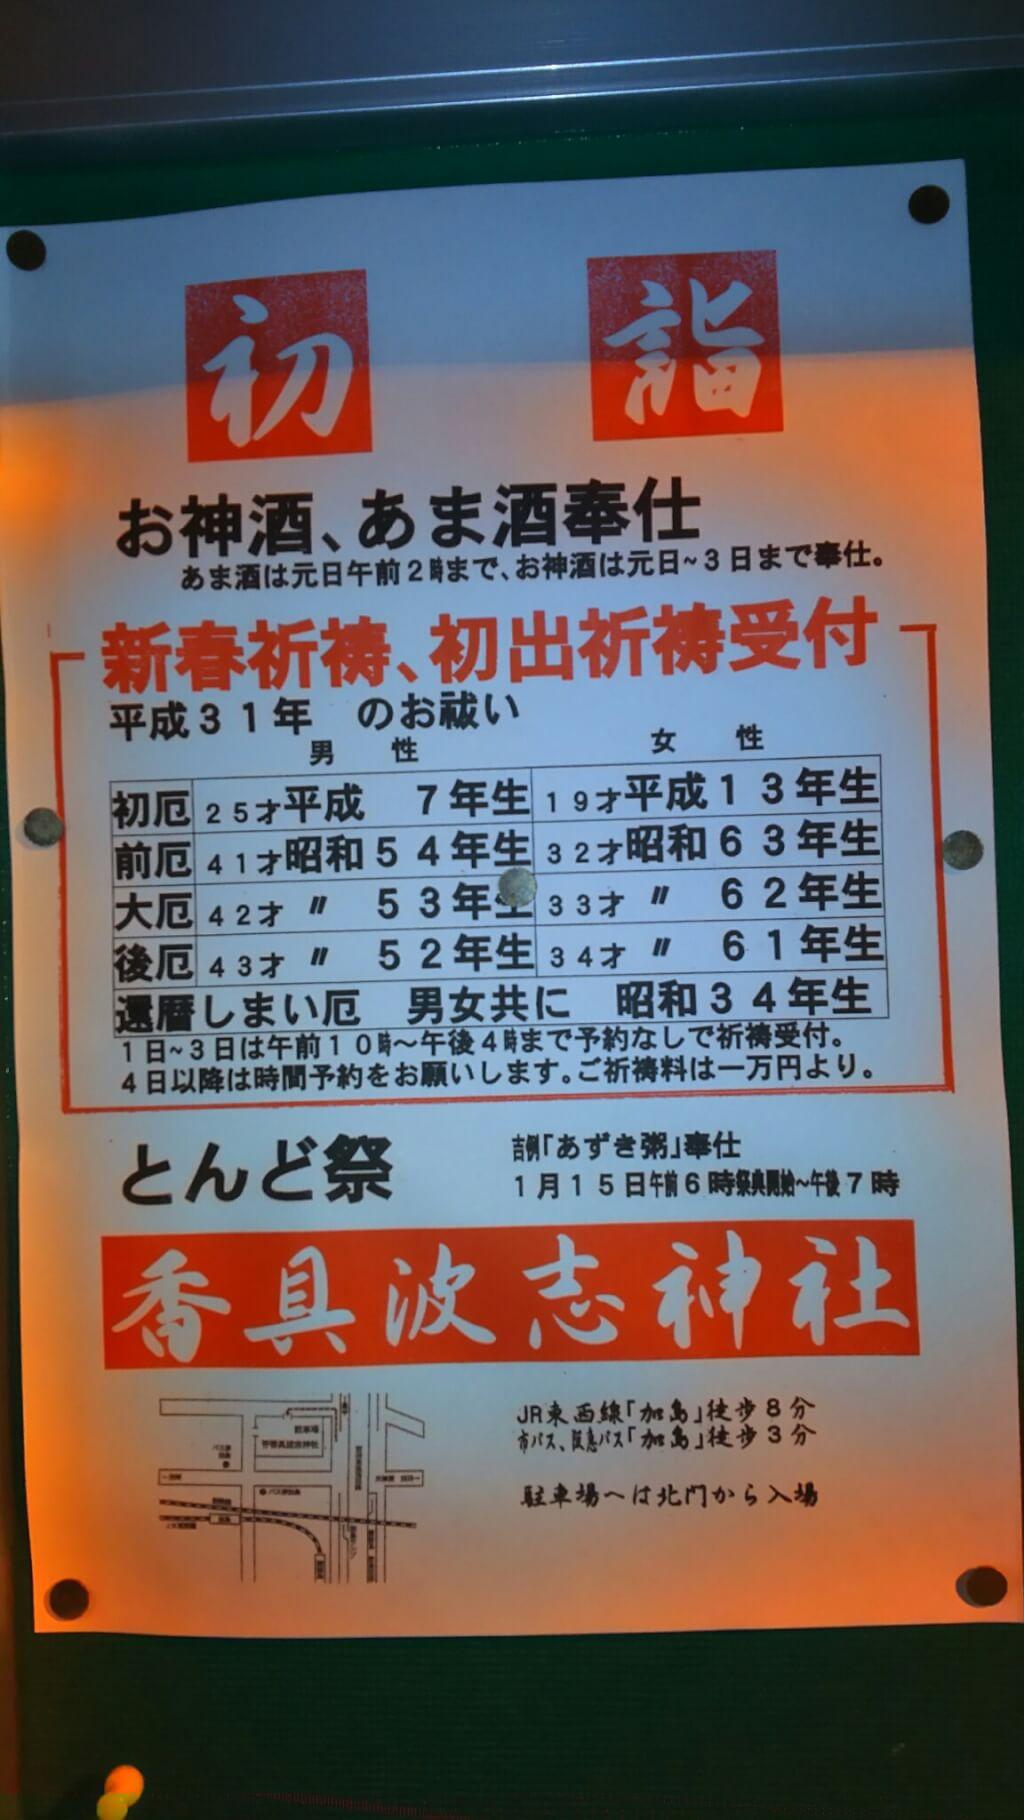 香具波志神社 2019年 初詣 とんど焼の お知らせ